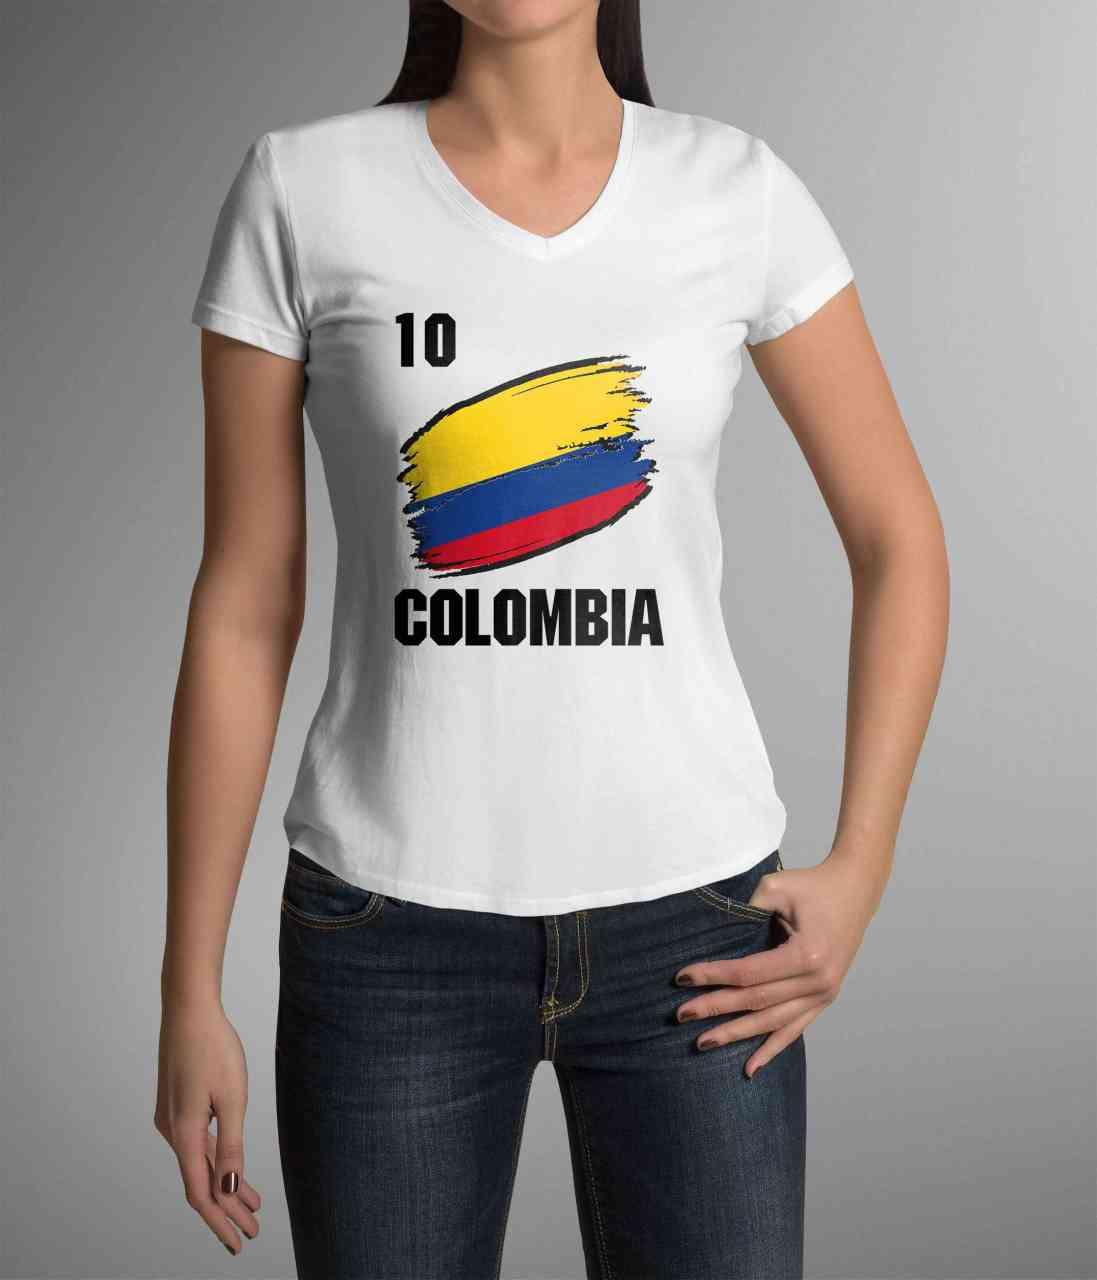 Colombia | Kolumbien | Männer oder Frauen Trikot T - Shirt mit Wunsch Nummer + Wunsch Name | WM 2018